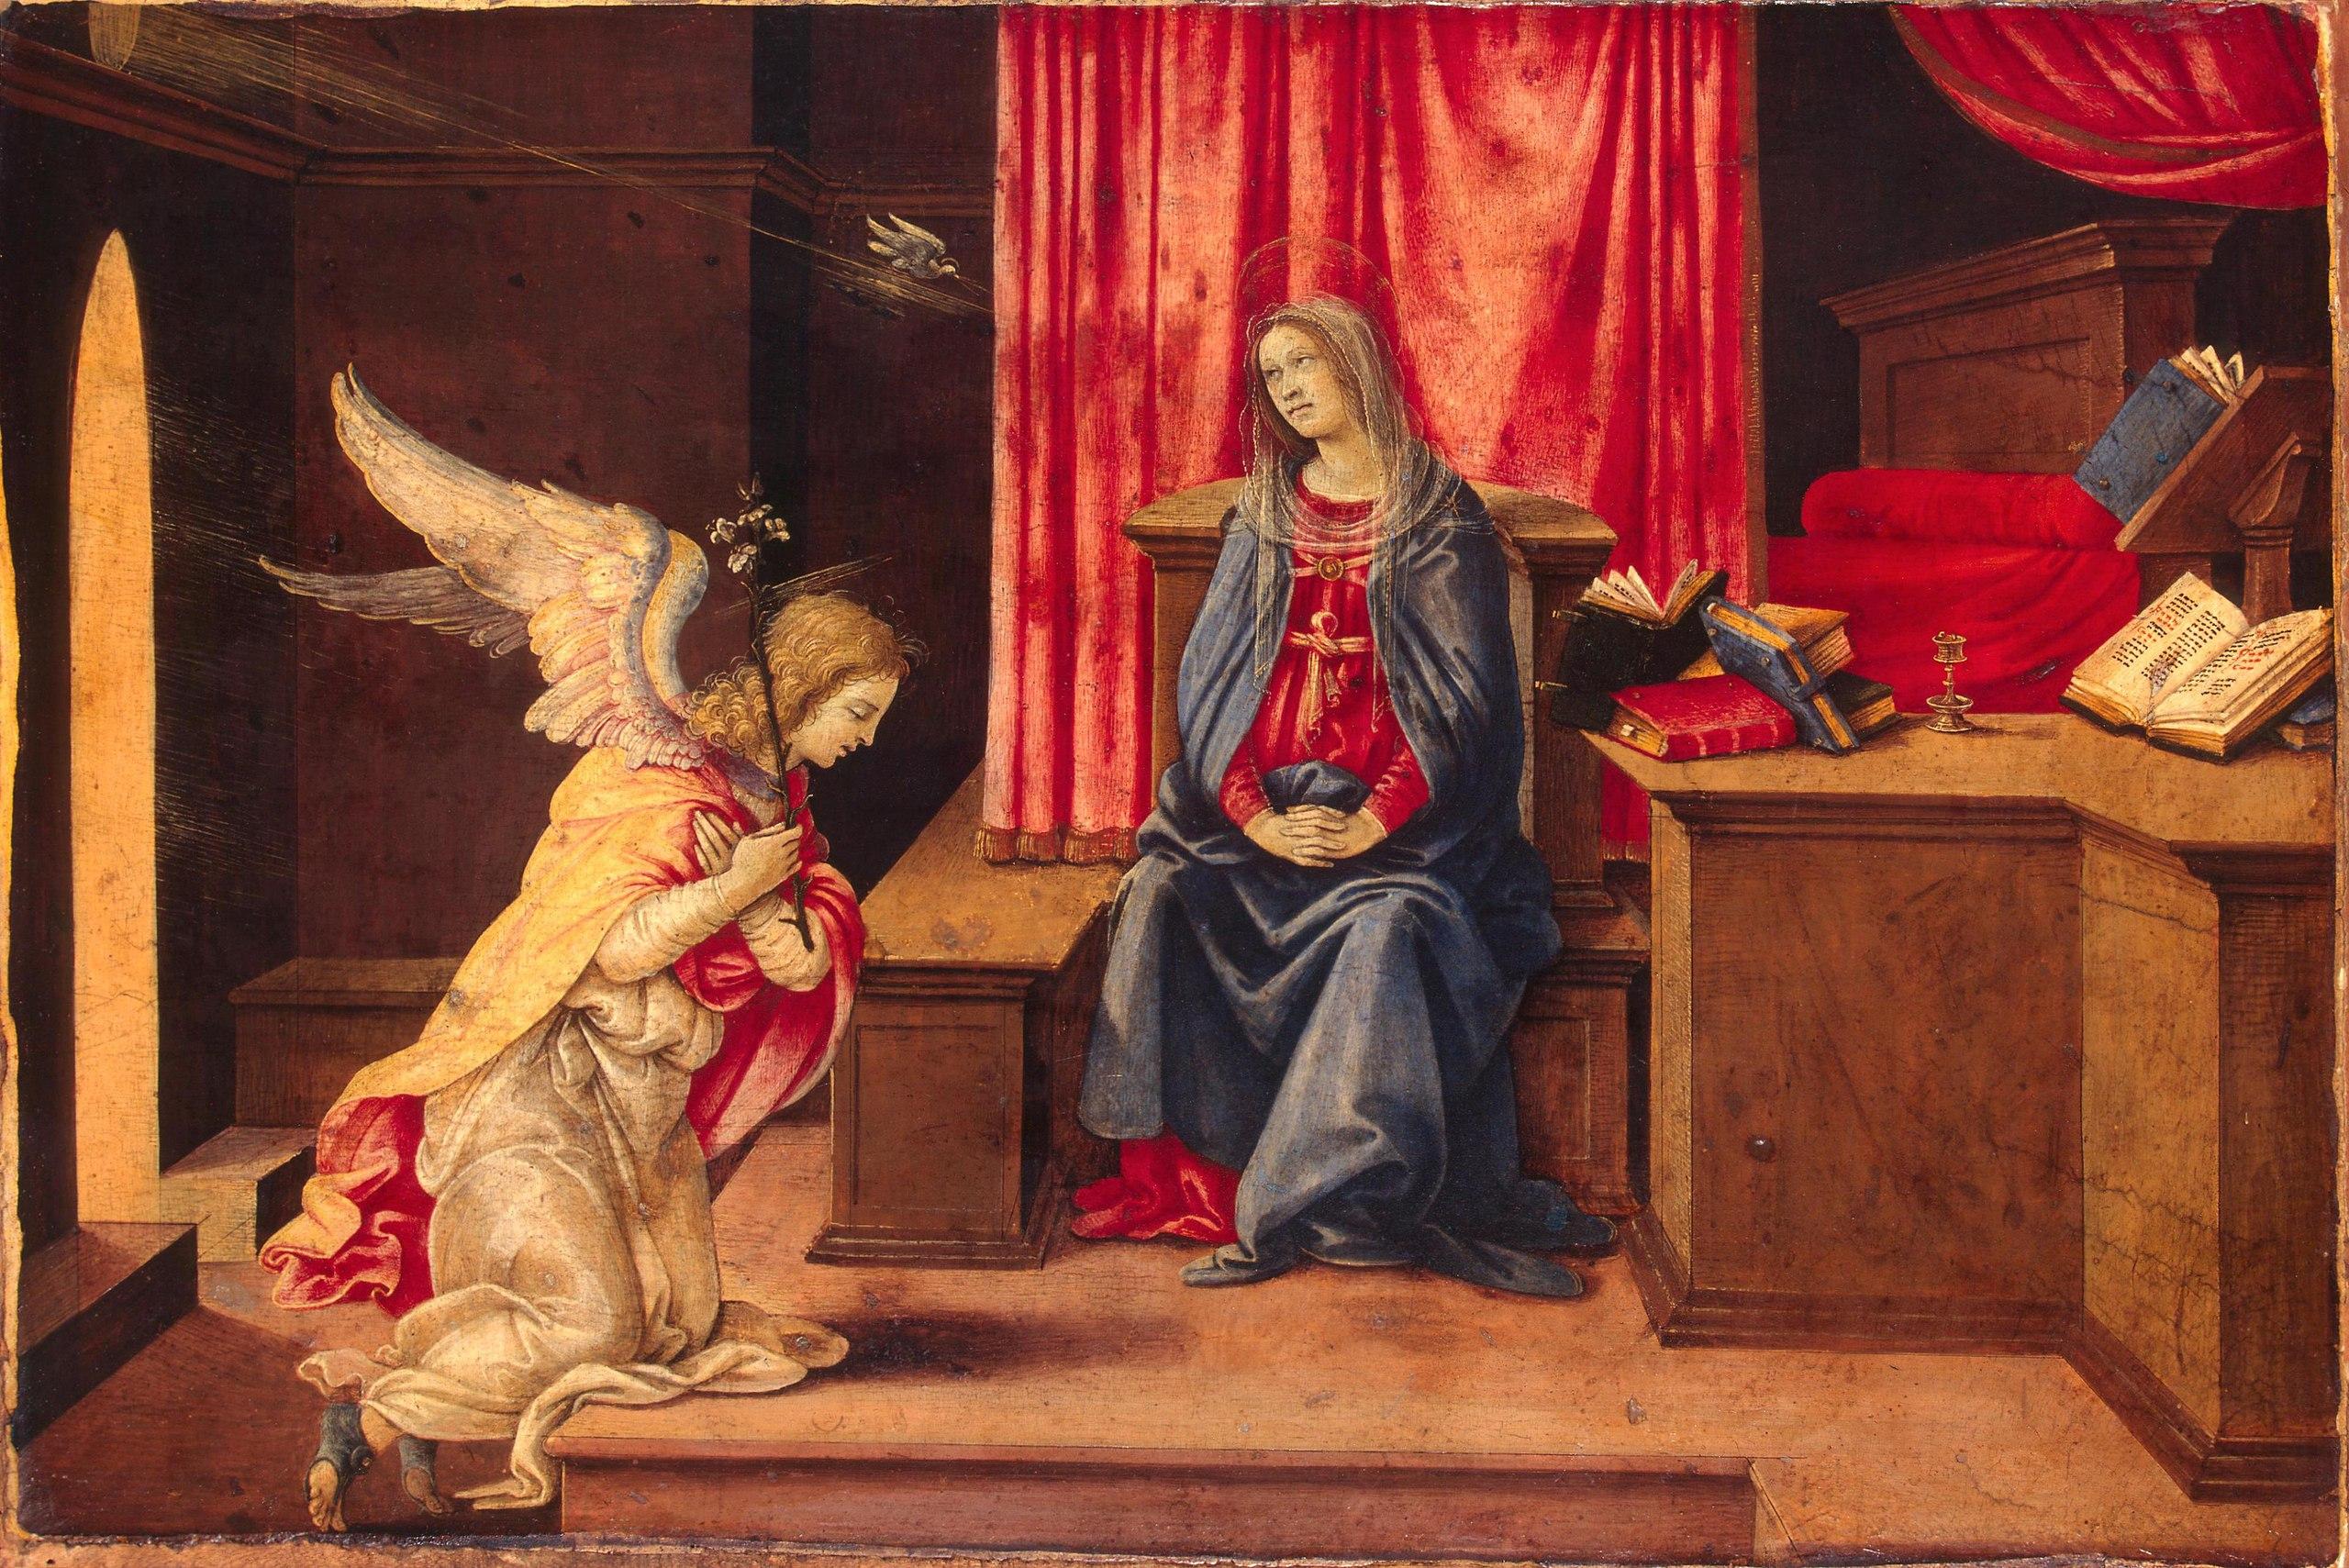 Богатейшие коллекции экспонатов Эрмитажа доступны онлайн